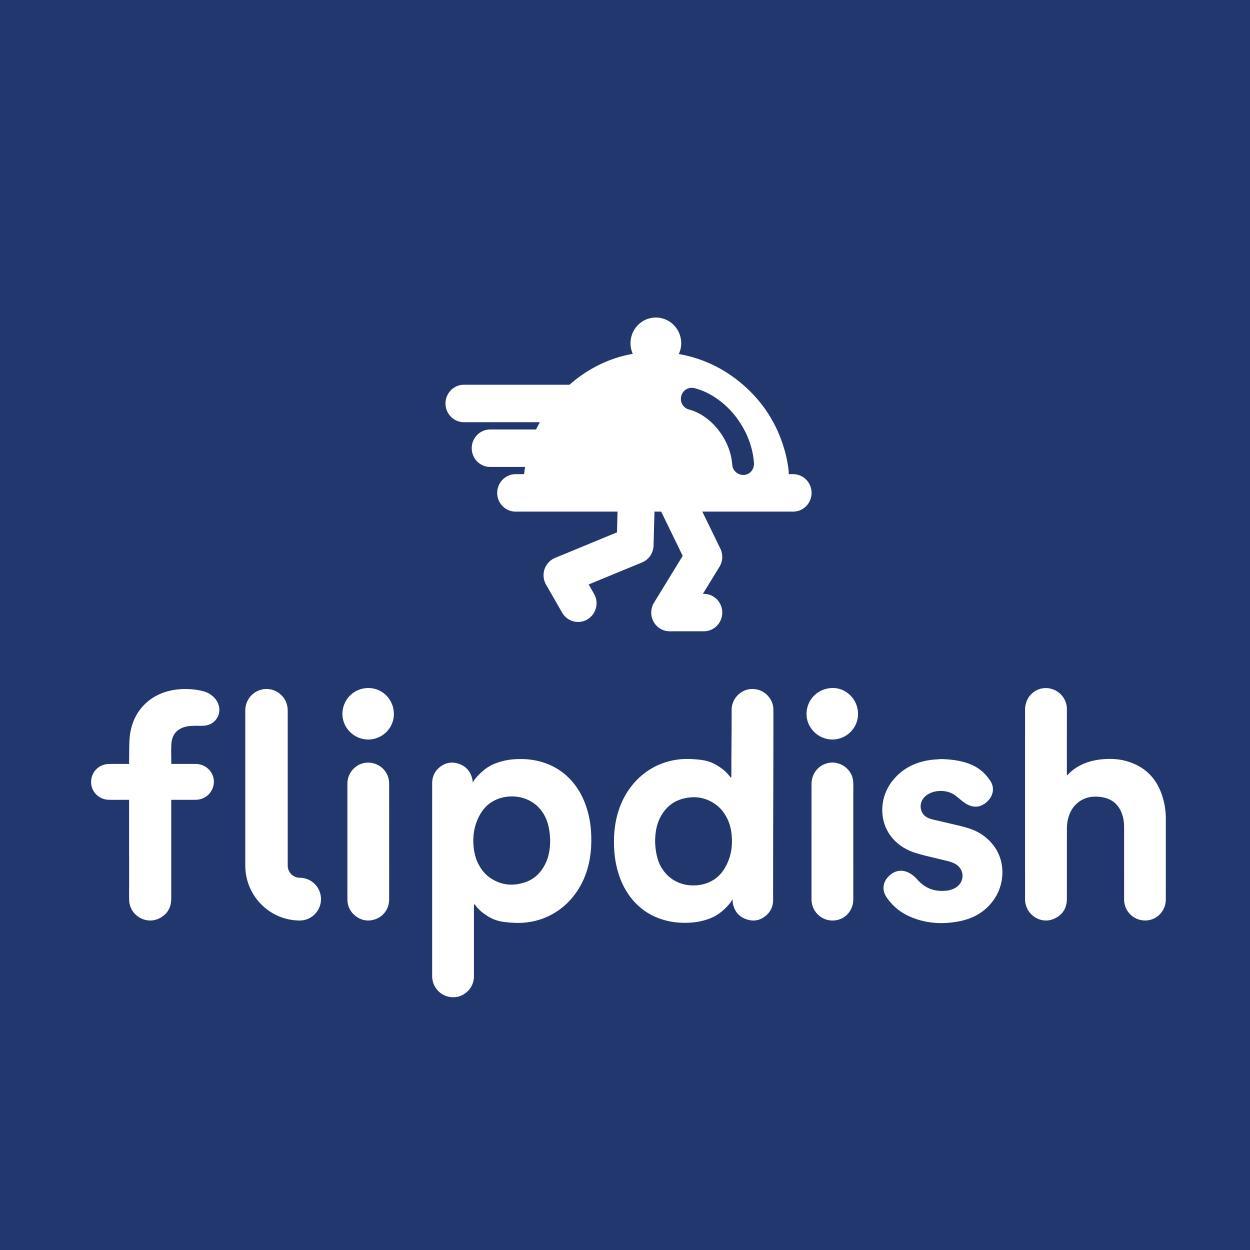 https://assets.lightspeedhq.nl/nl/2018/10/3eece0a5-flipdish-logo.jpg